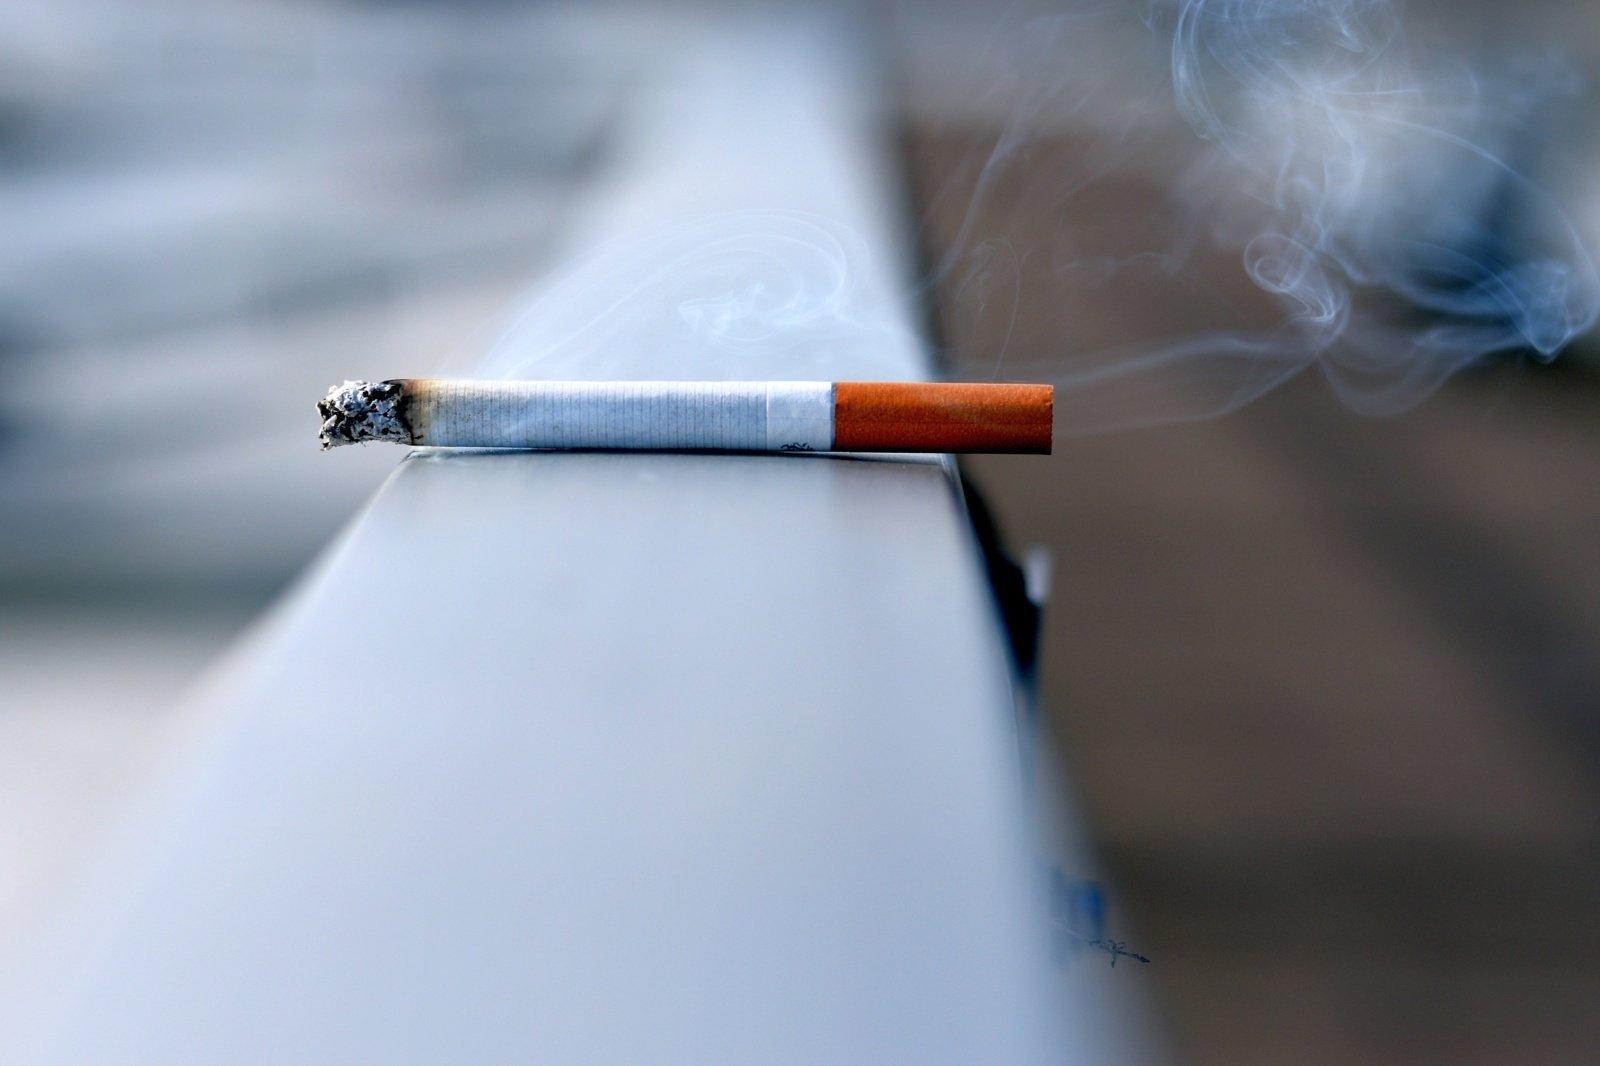 Pirmieji draudimai rūkyti didmiesčių daugiabučių balkonuose įsigalios vasarį